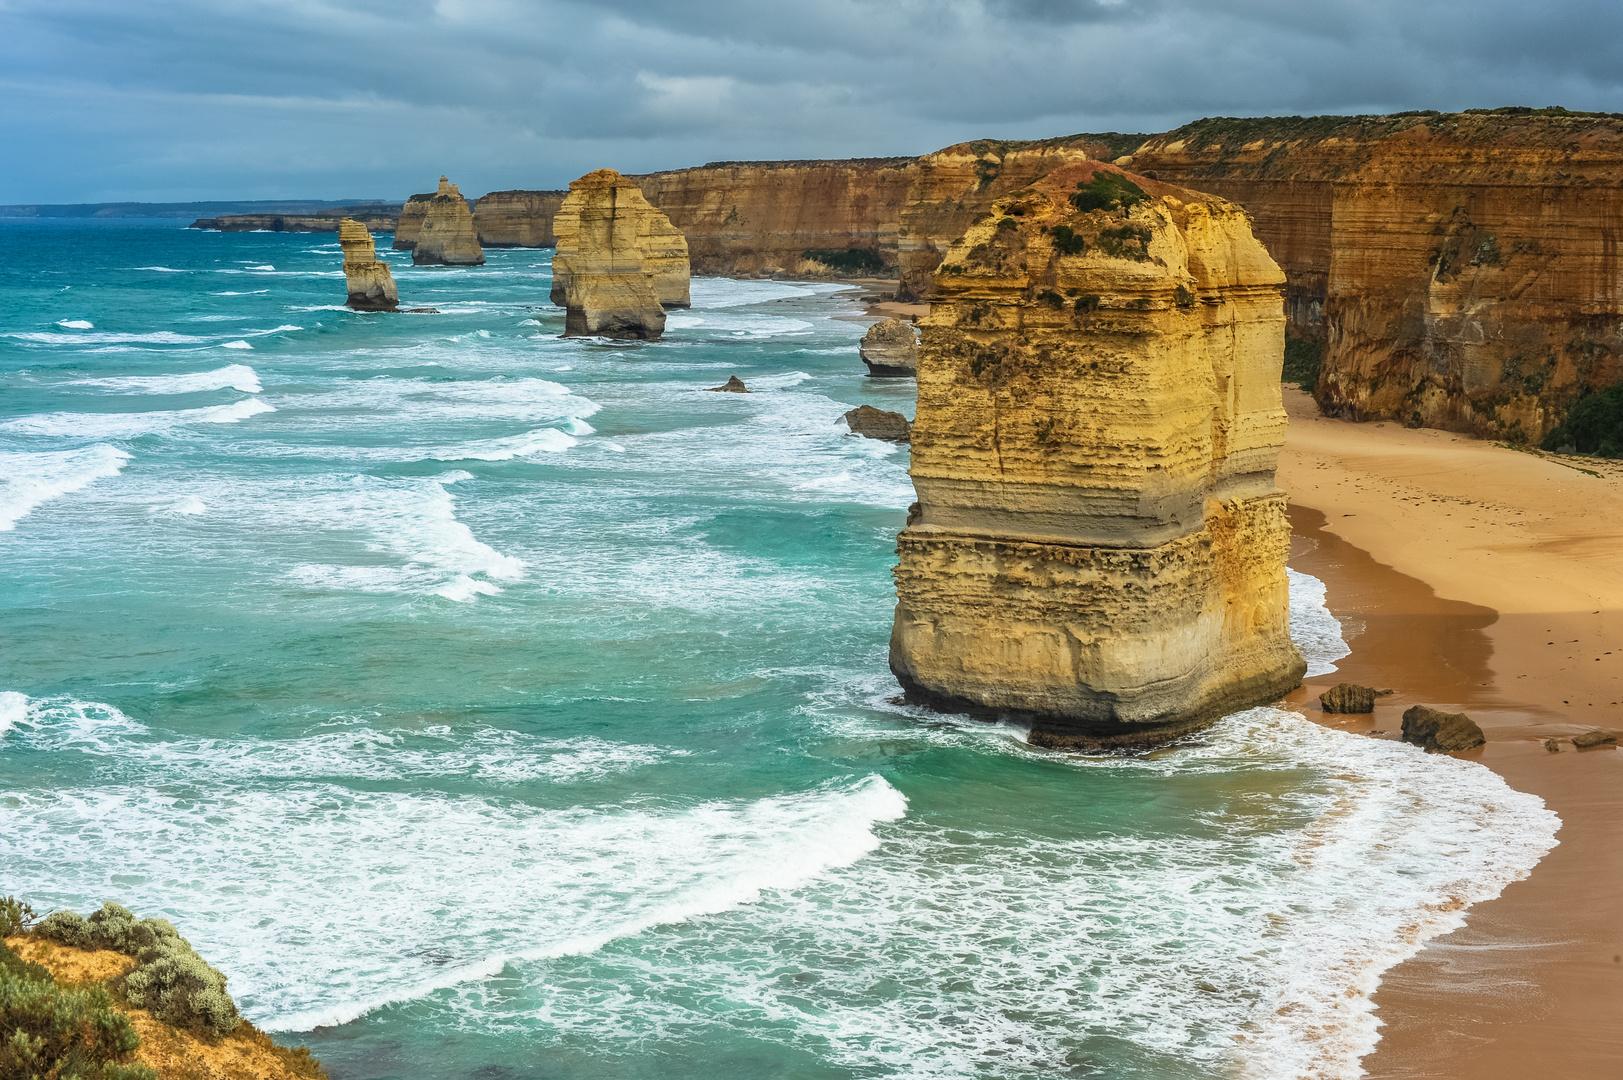 Australien 2012: Victoria, Die zwölf Apostel im Morgenlicht #3